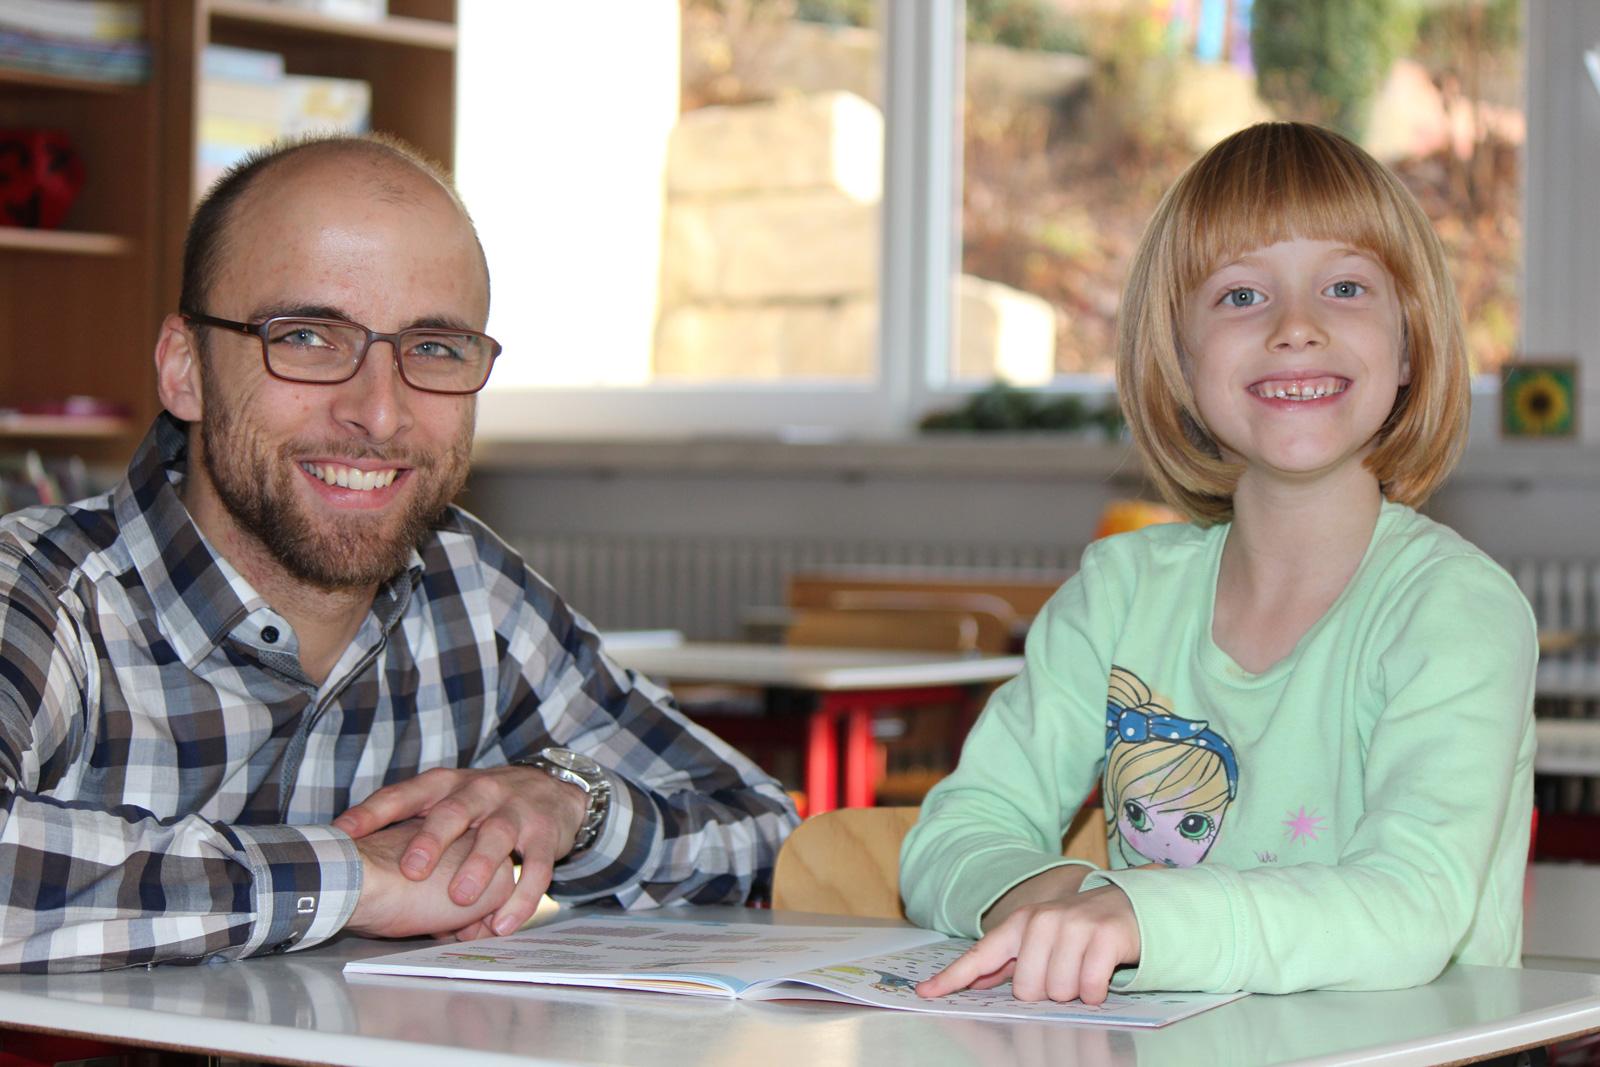 """Stärken stärken – das bringt Erfolg, weiß Schulstarthelfer Philip Minkenberg. Hier unterstützt er die sechsjährige Jolena und zeigt ihr, wie sie mit kleinen Übungseinheiten, ihre Aufgaben schaffen kann. """"Wir haben zusehends bemerkt, dass für Kinder der Üb"""